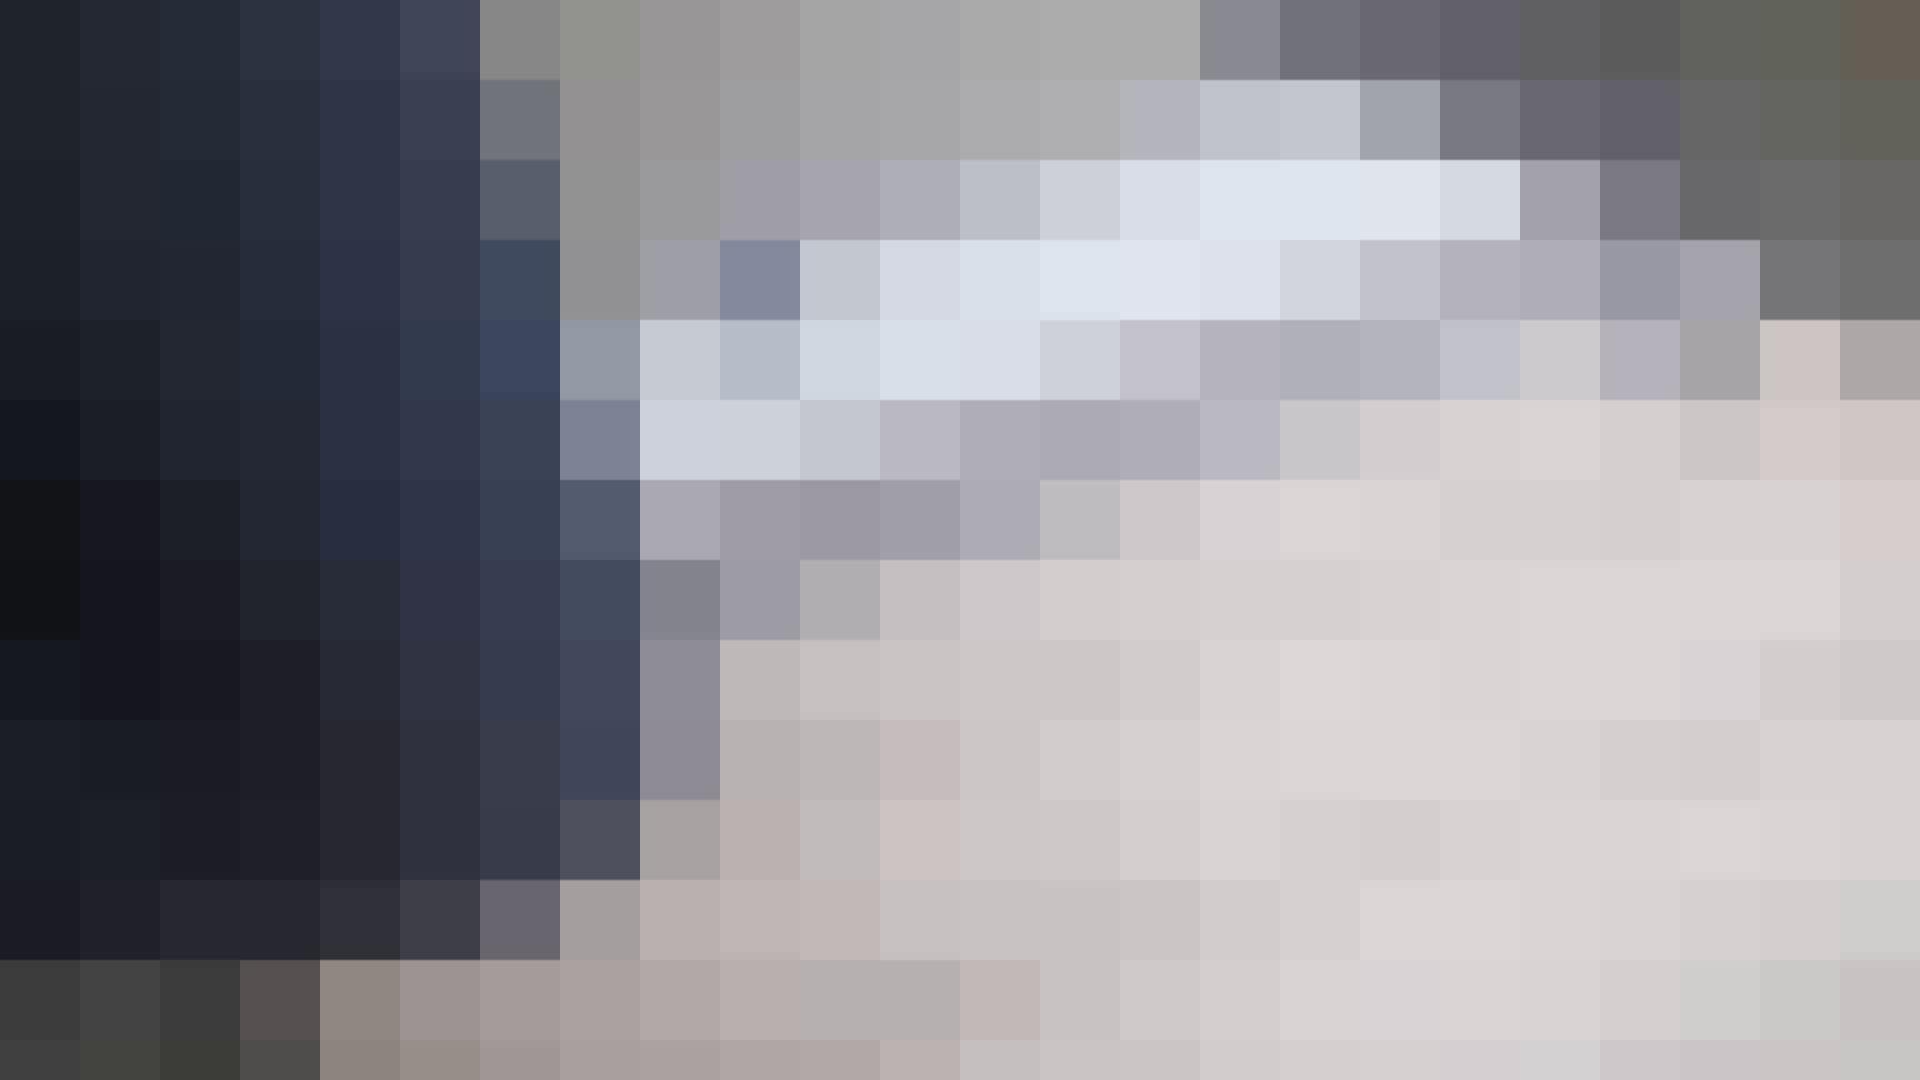 阿国ちゃんの「和式洋式七変化」No.16 和式便所 盗撮 102枚 102